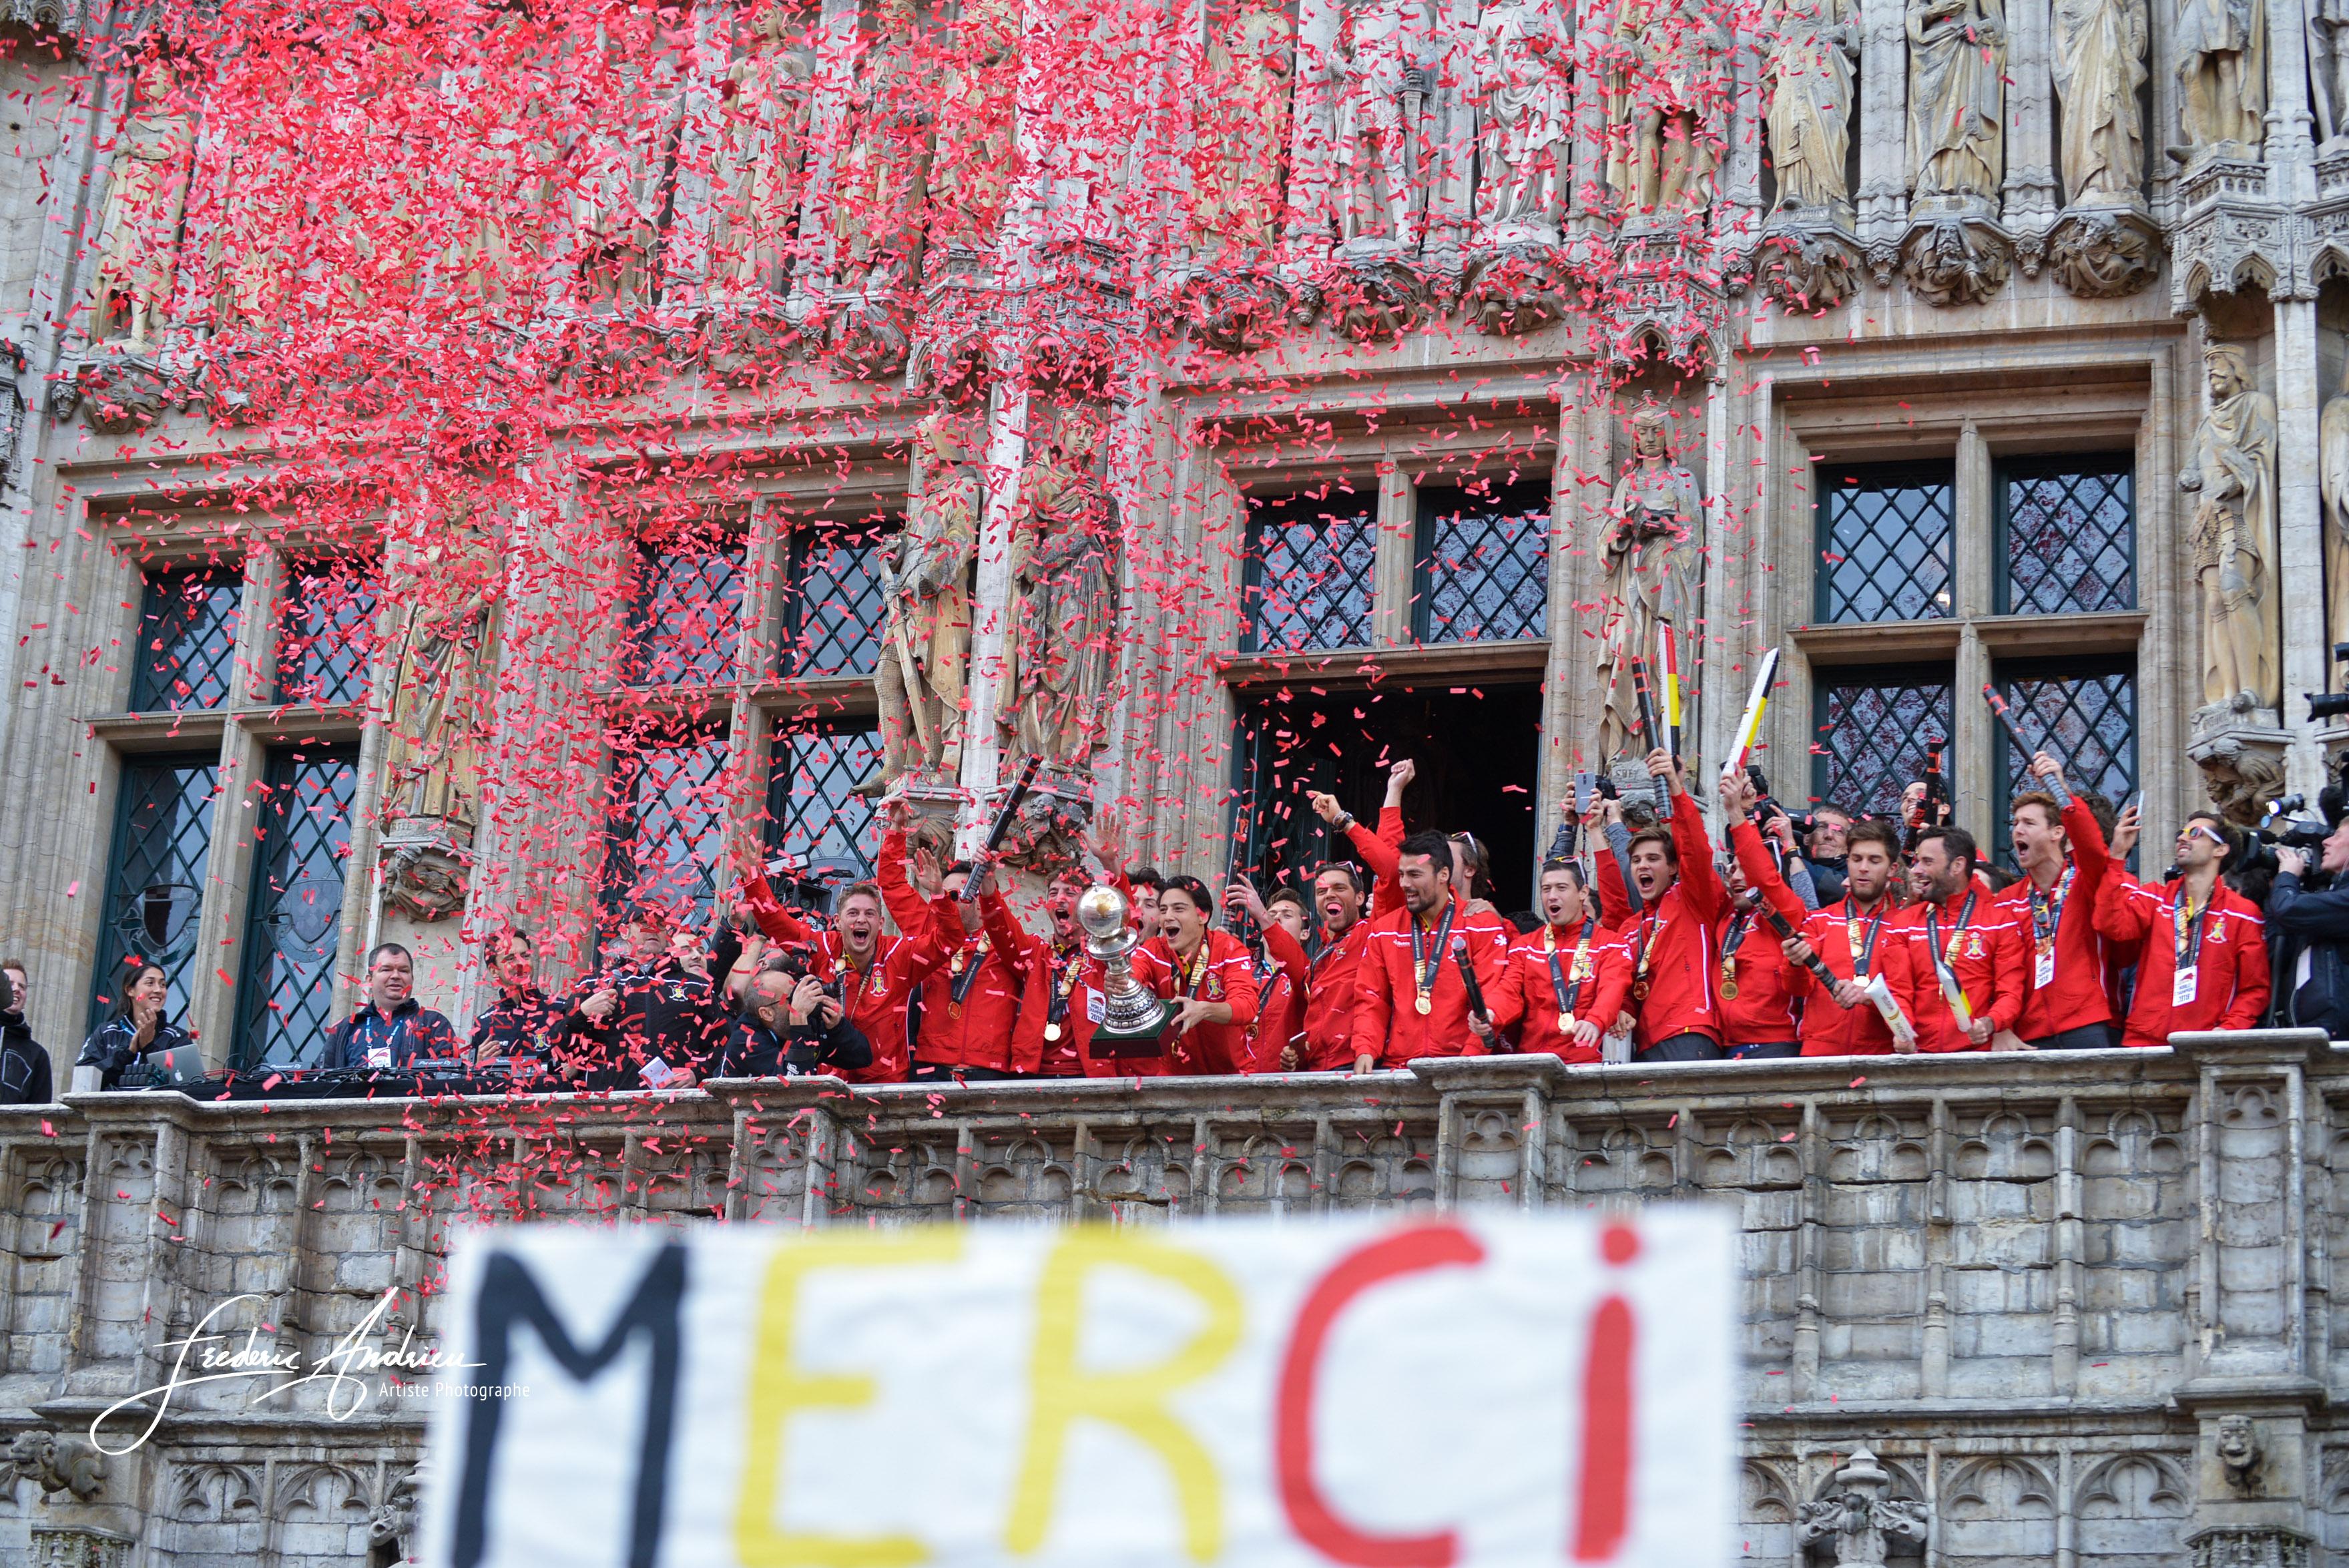 Les Red Lions sont de retour en Belgique après avoir remporté la Coupe du monde de hockey en Inde